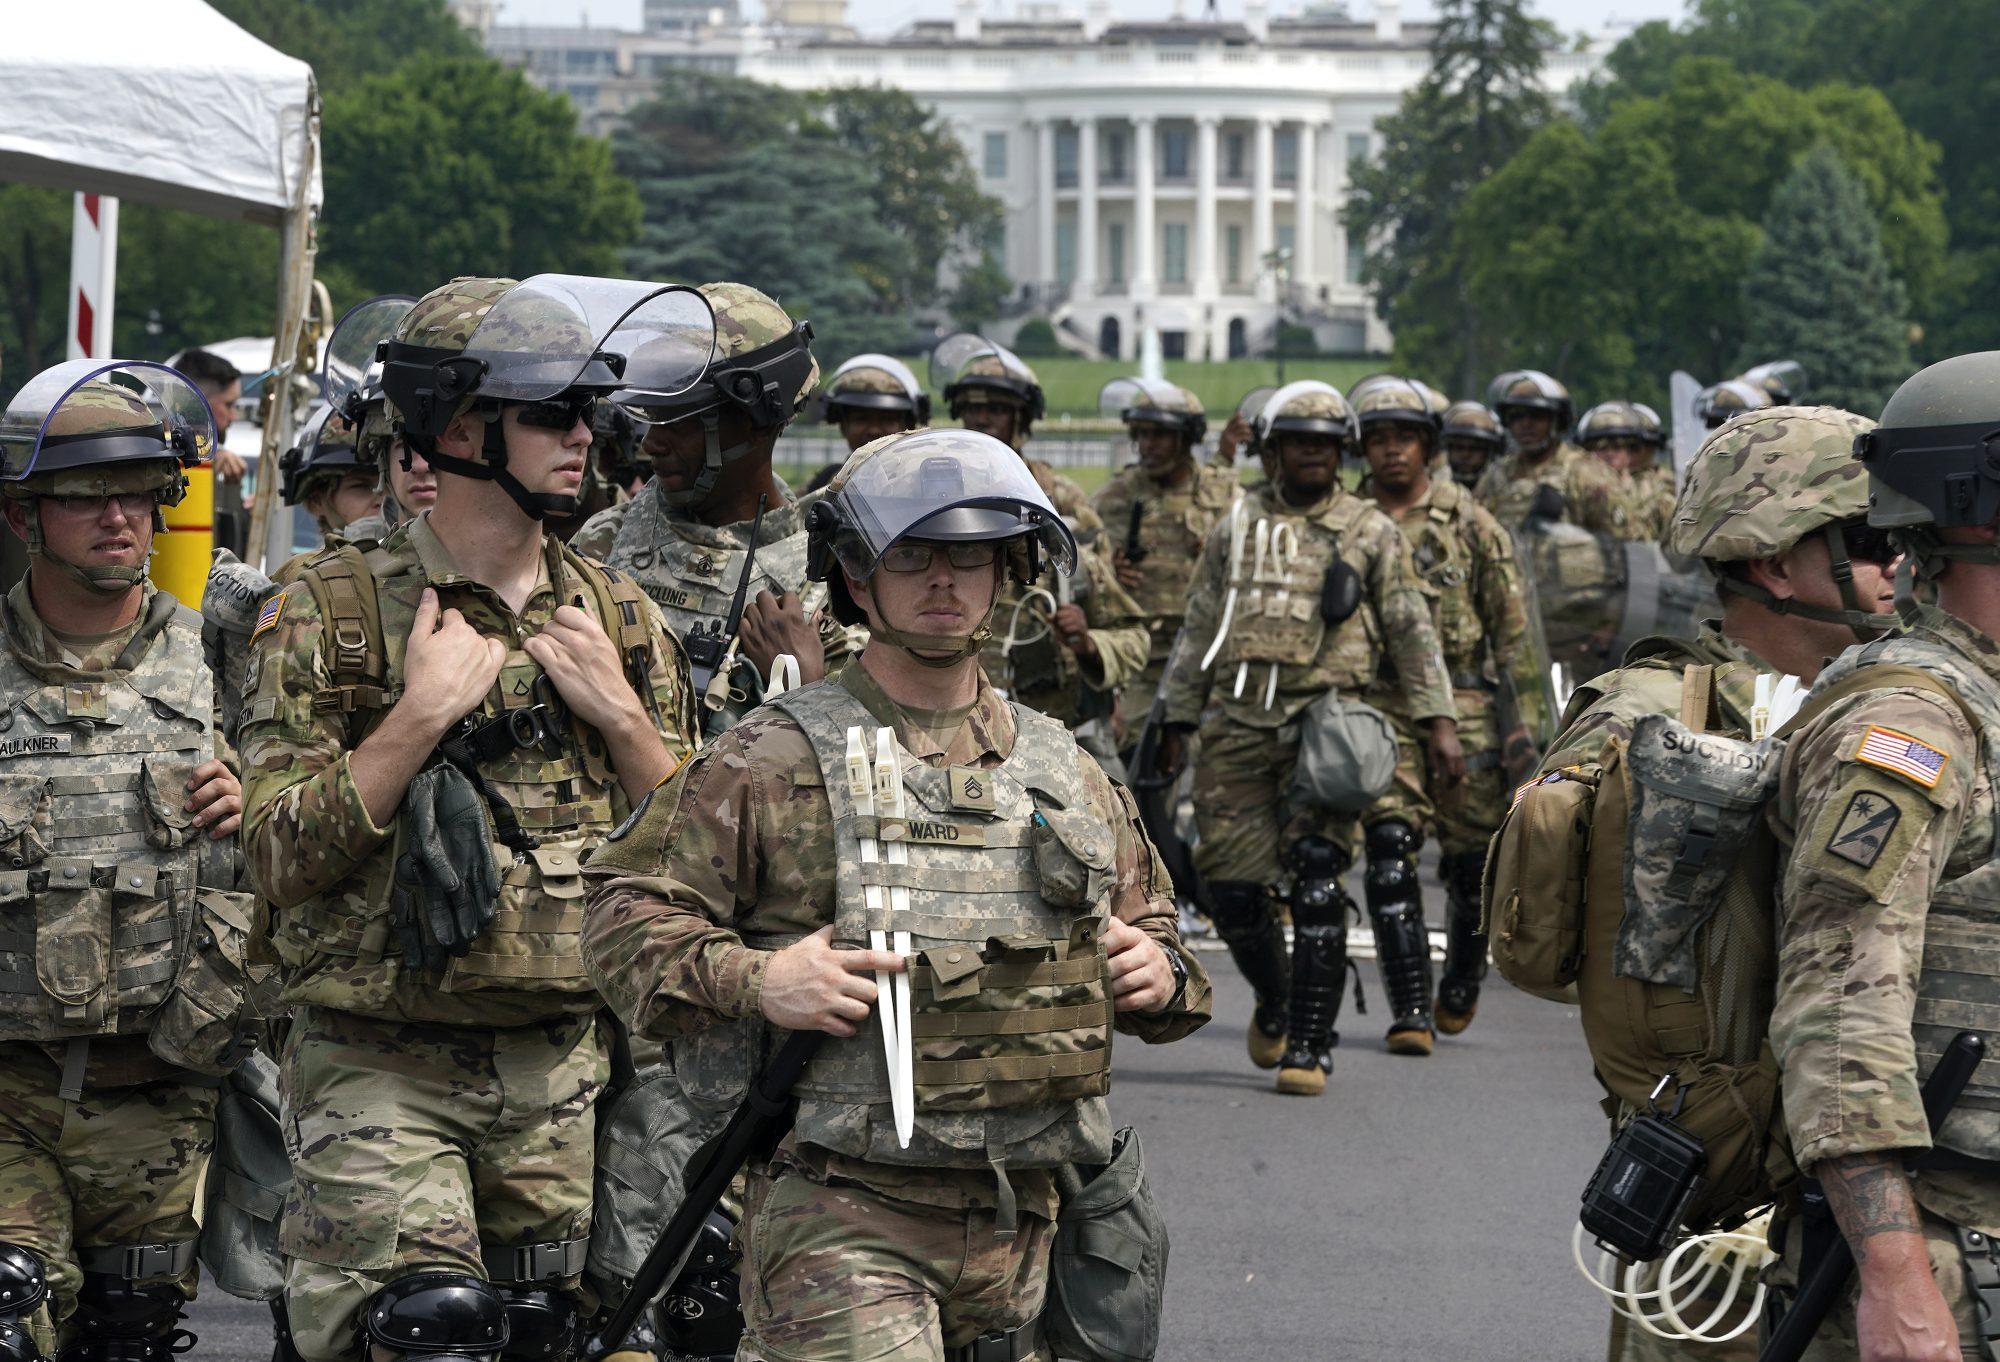 Ishin pjesë e ceremonisë së inagurimit të Biden, 200 ushtarë u infektuan me koronavirus